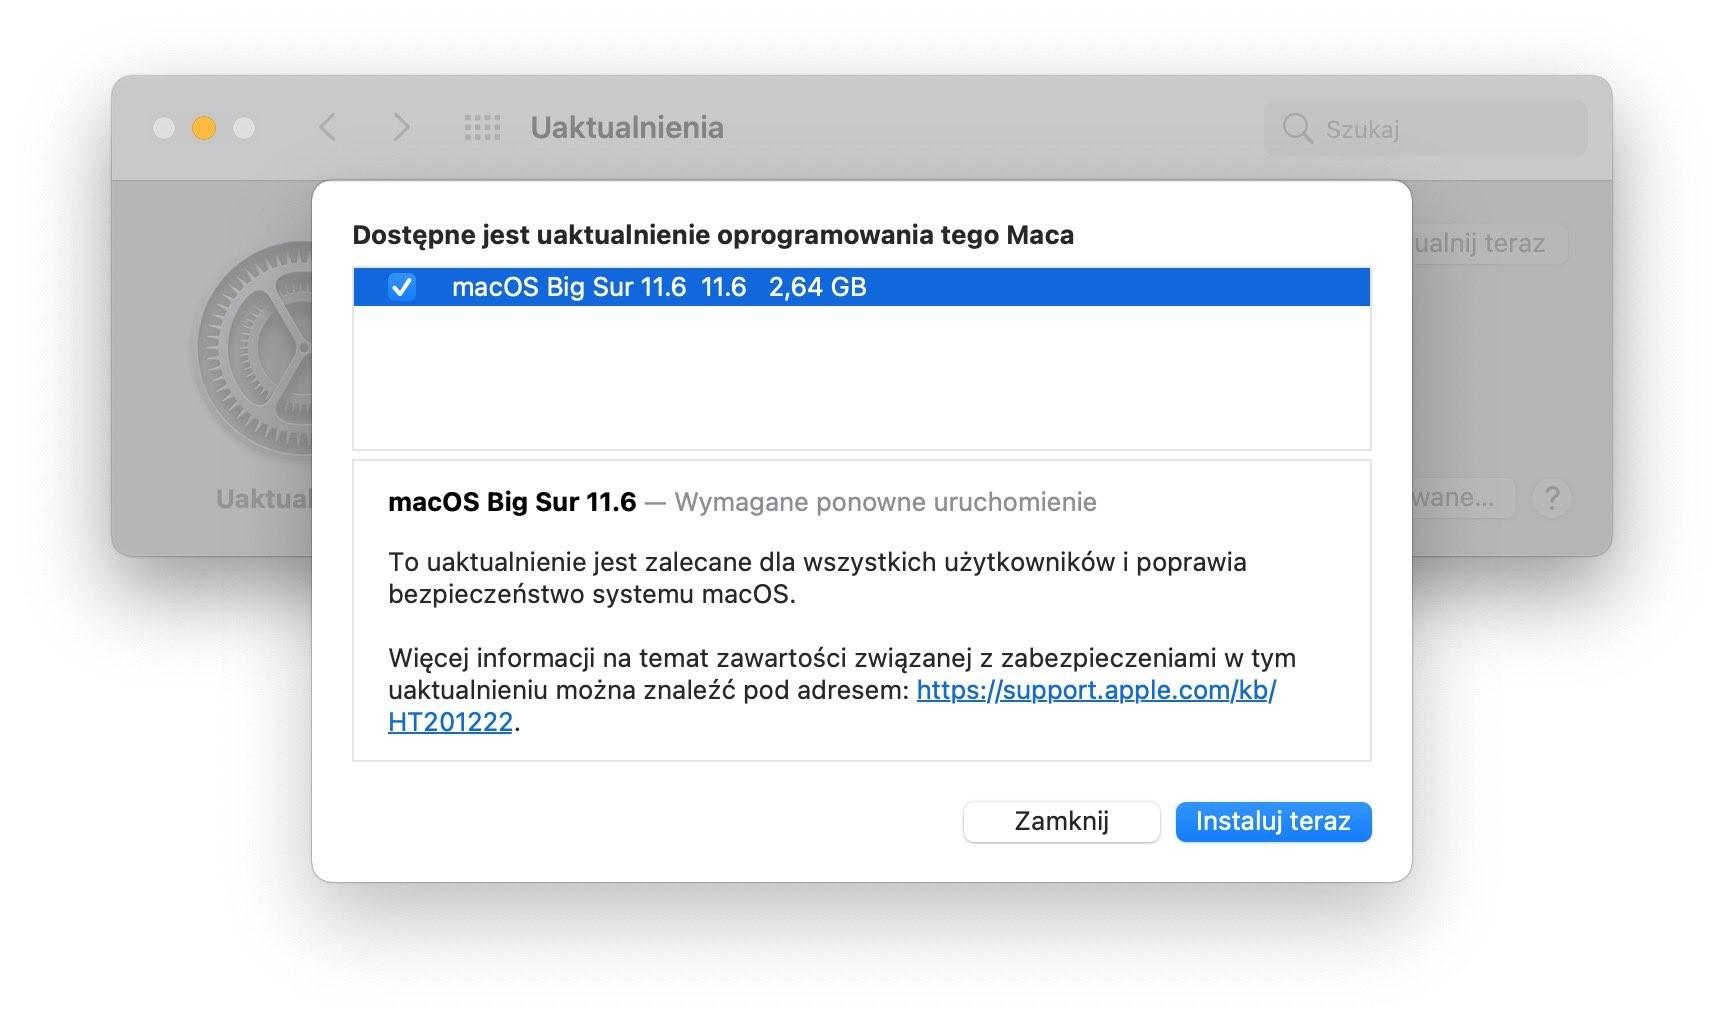 macOS Big Sur 11.6 dostępny - co nowego? ciekawostki zmiany, Update, System, Nowości, macOS Big Sur 11.6, macos 11.6, download, co nowego w macos 11.6, Aktualizacja  iOS 14.8, iPadOS 14.8, watchOS 7.6.2, to nie jedyne systemy wydane w dniu dzisiejszym. Apple udostępniło dziś także kolejną już wersję macOS Big Sur. Tym razem otrzymała ona oznaczenie 11.6. Co zostało zmienione? macos11.6